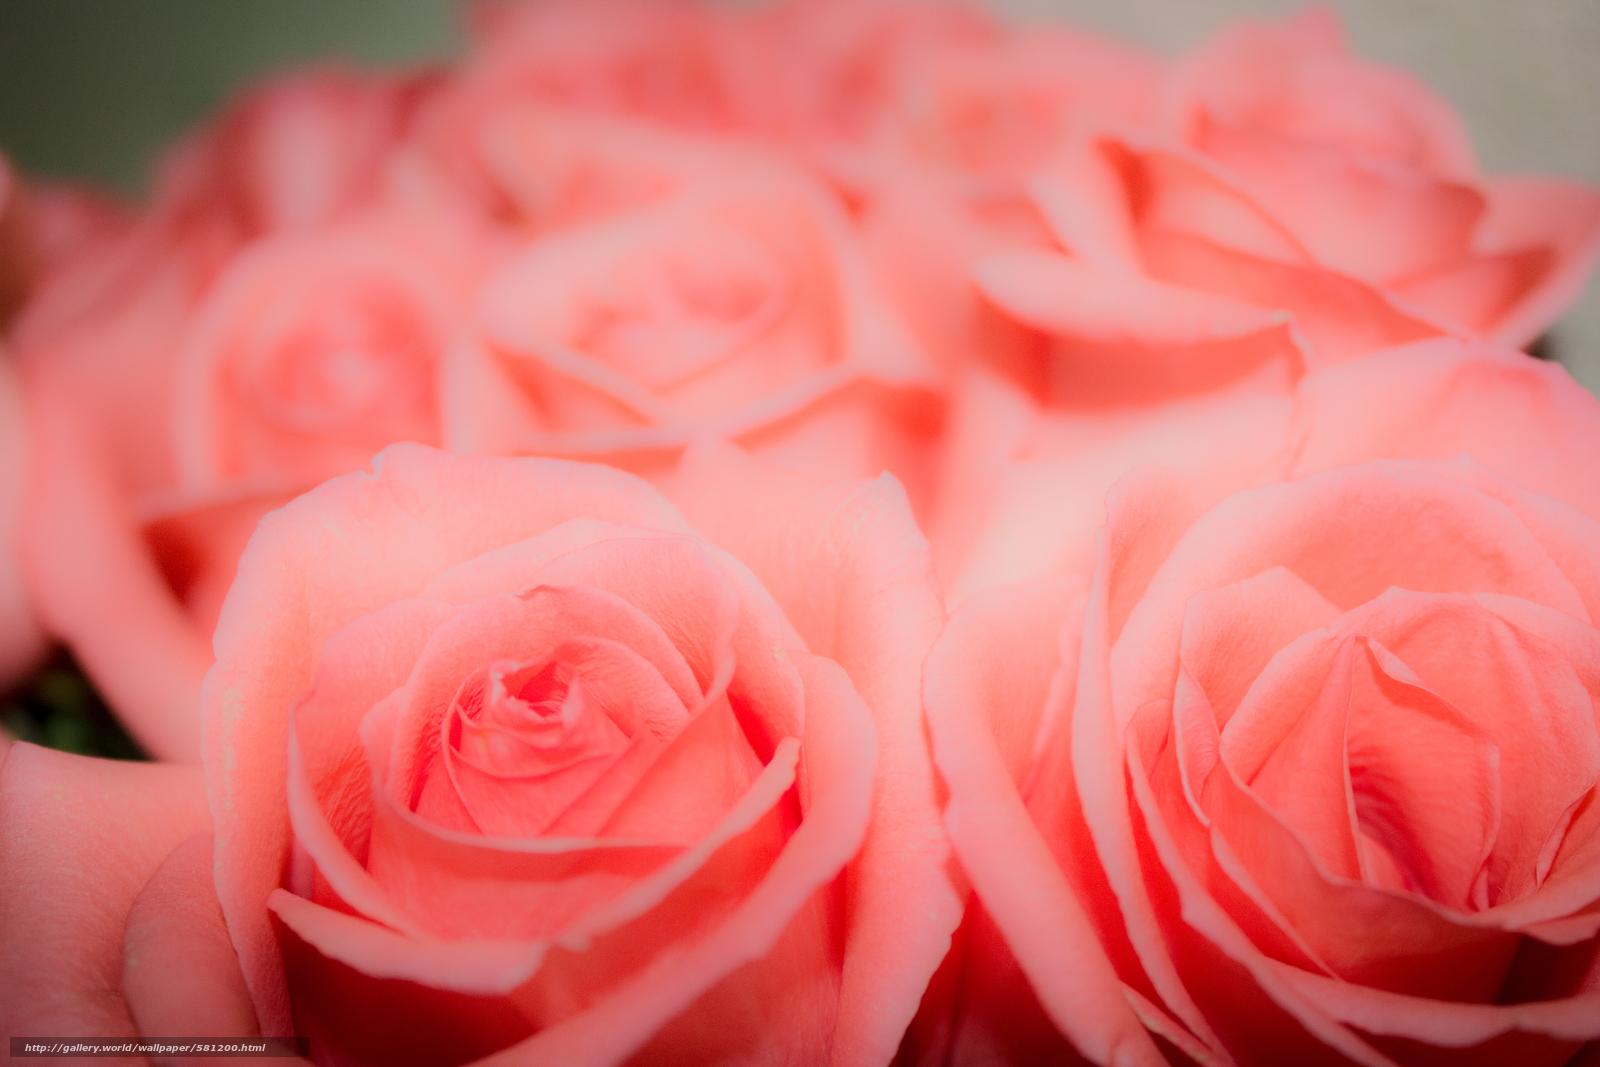 Скачать обои фон,  розовый,  бутон,  цветы бесплатно для рабочего стола в разрешении 5184x3456 — картинка №581200